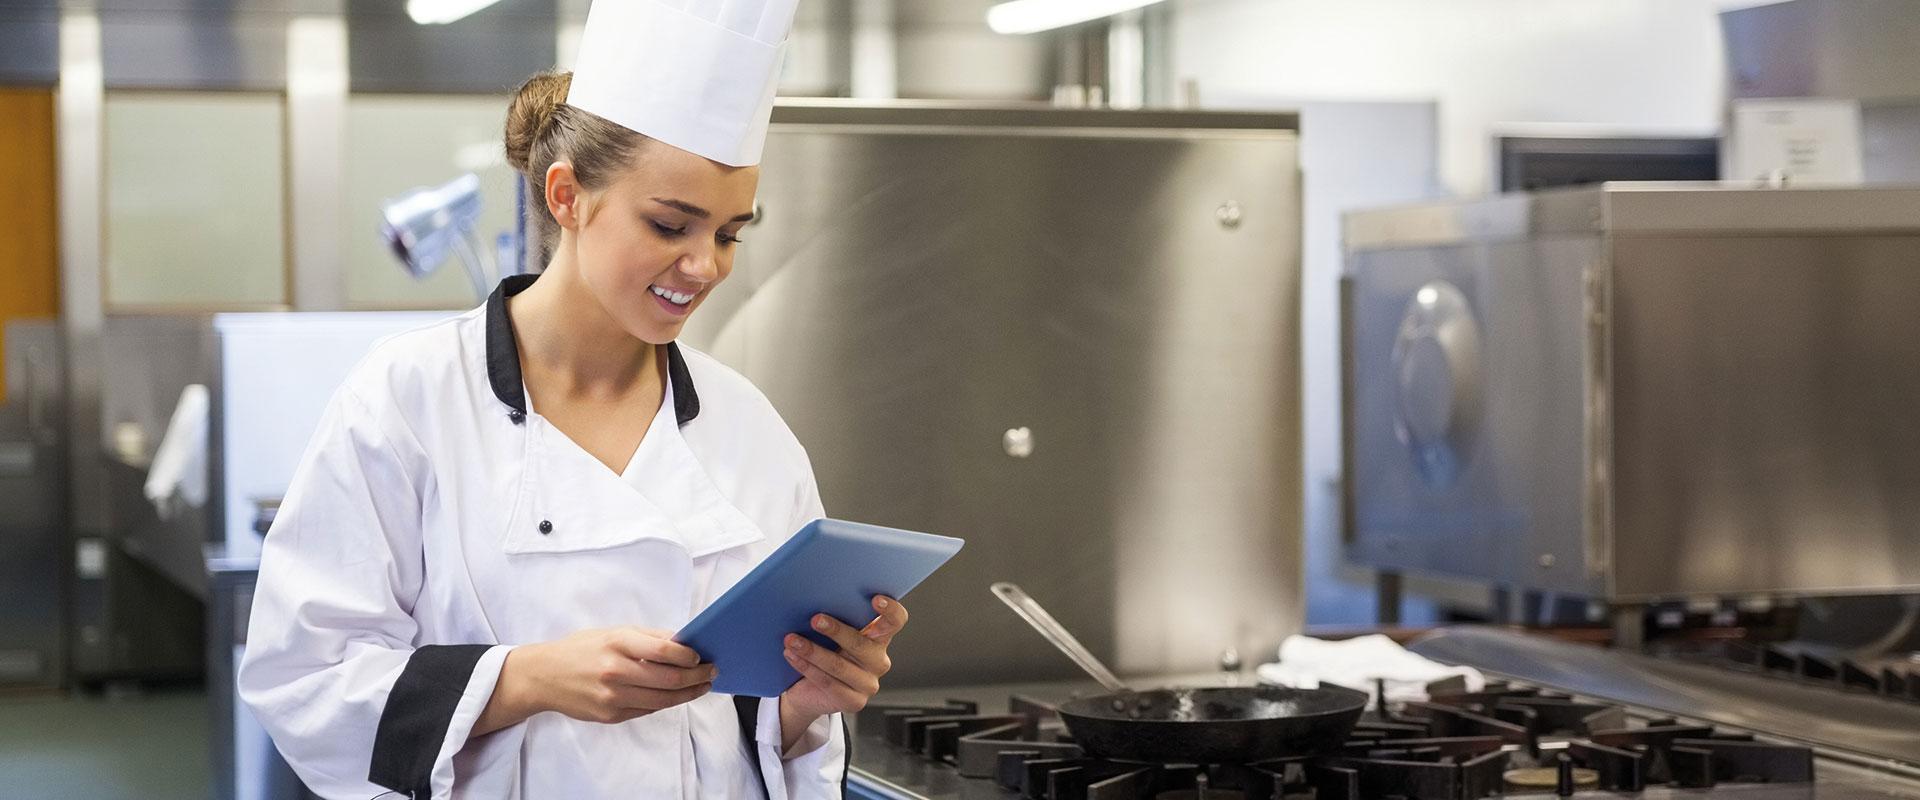 Mitarbeiter/innen zur Unterstützung in der Küche gesucht.